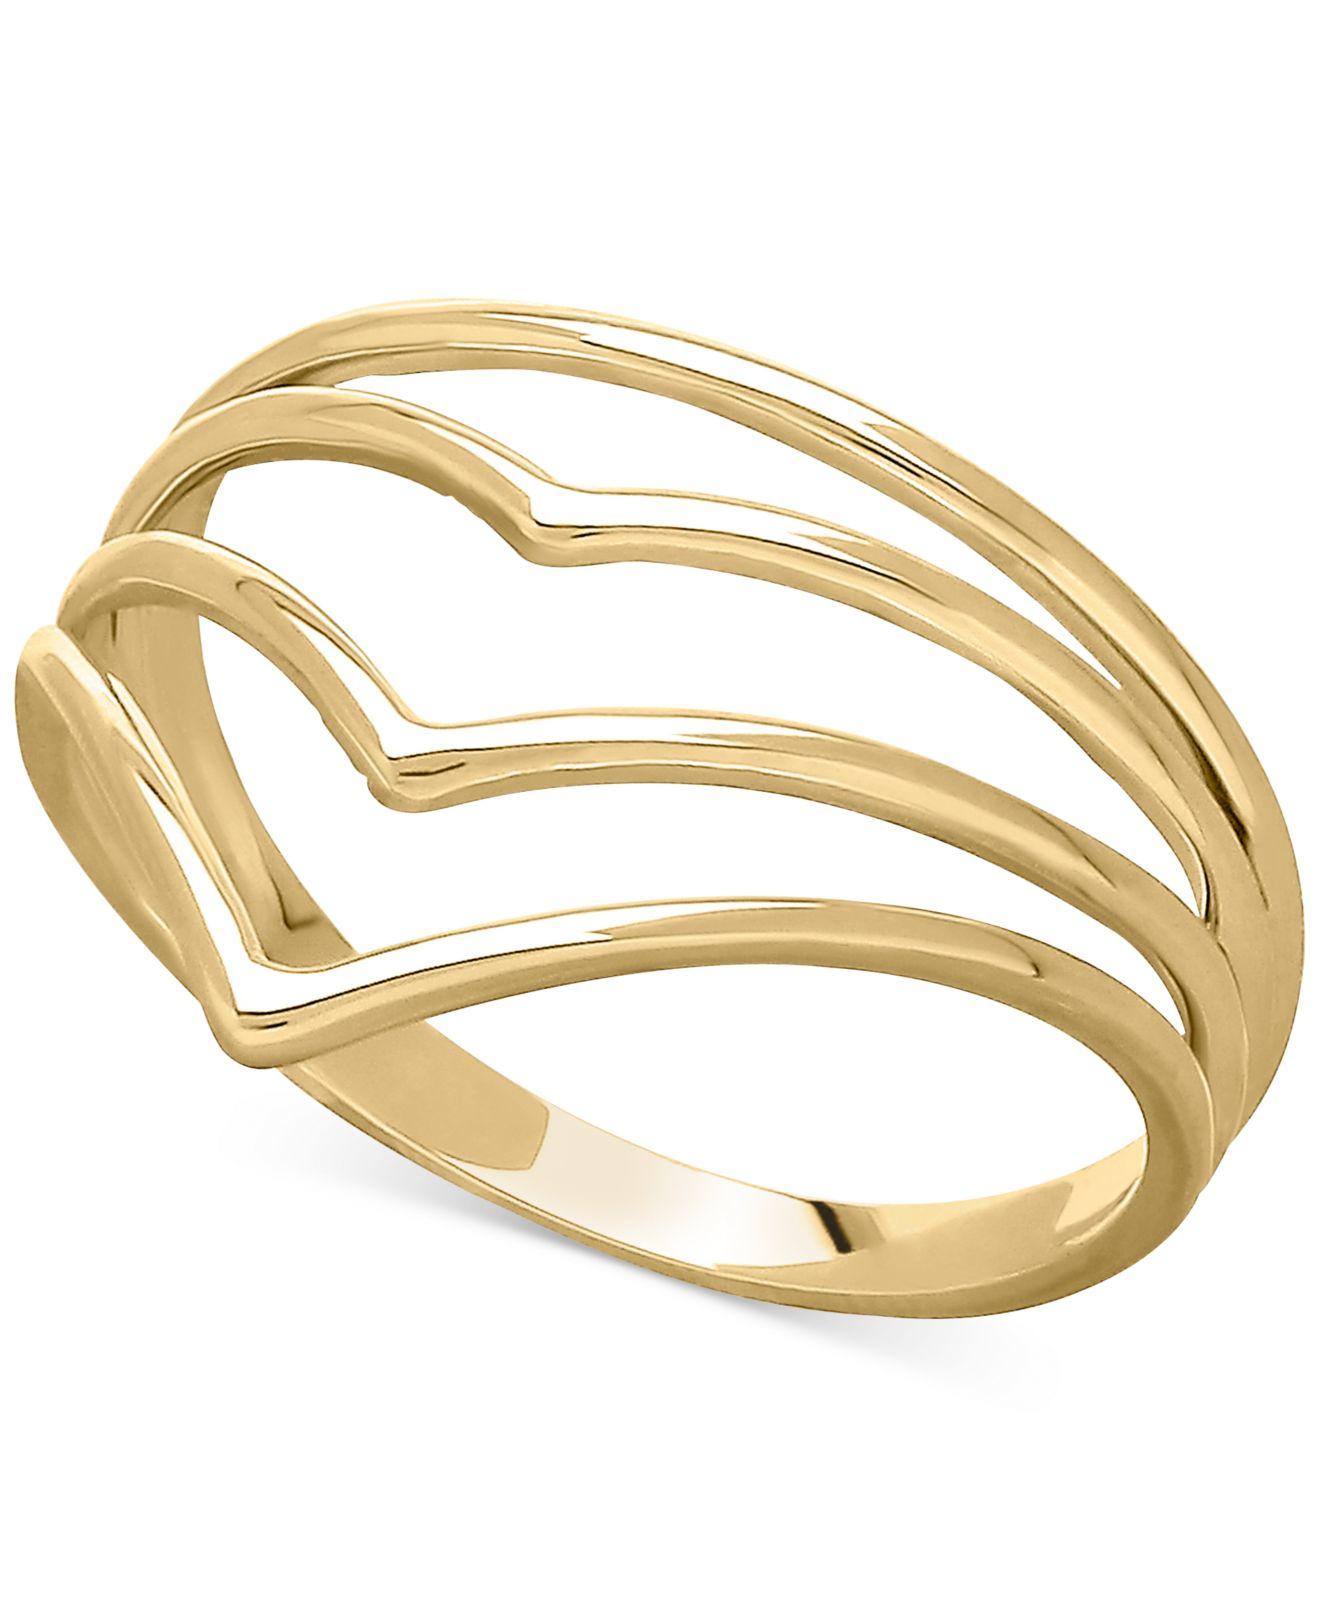 Macy s Ascending V ring In 14k Gold in Green gold Save 51%